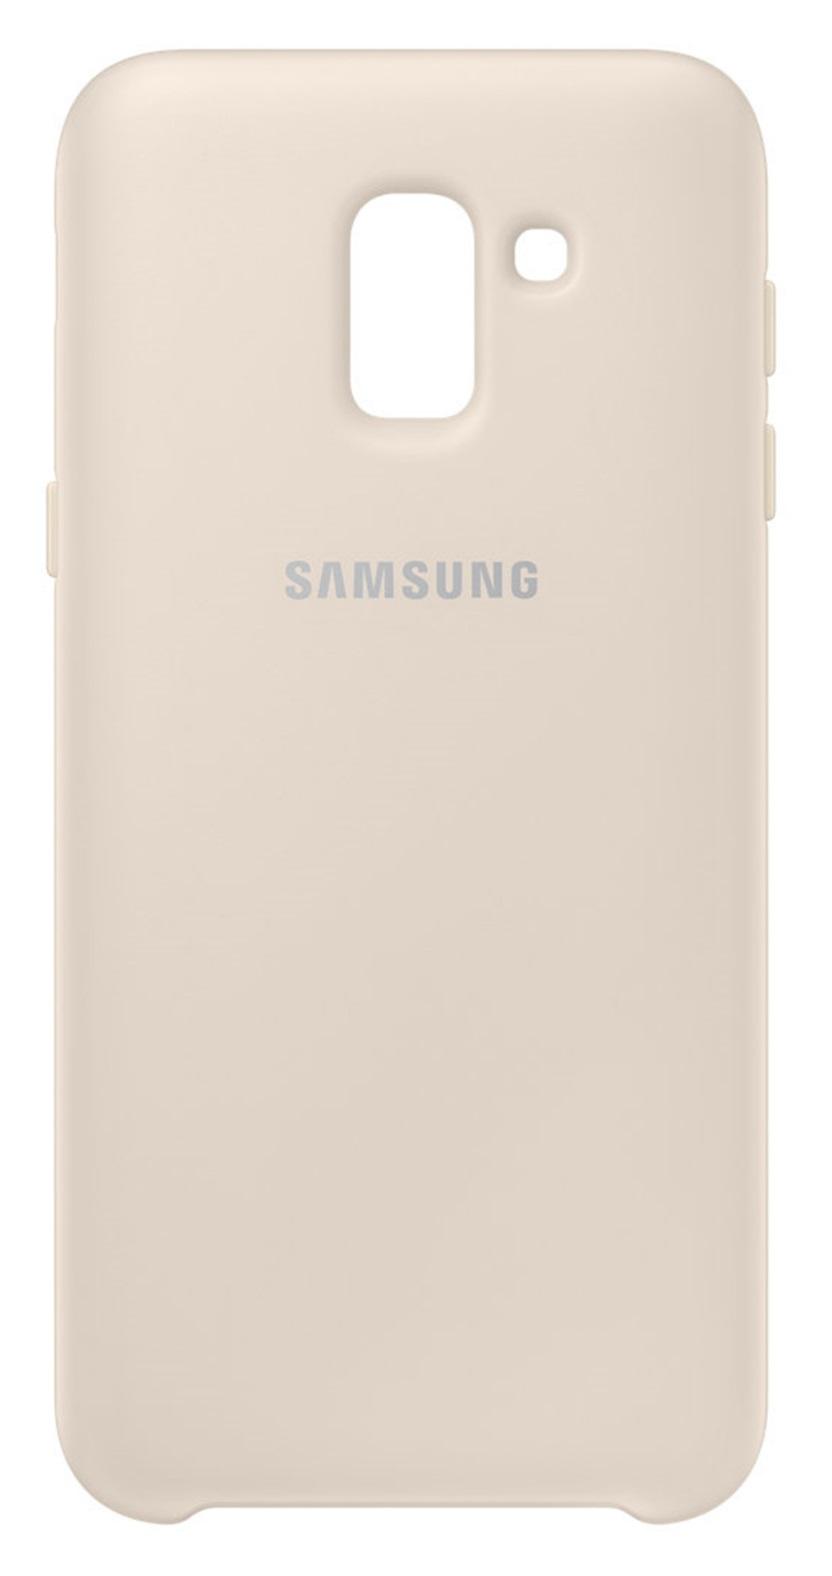 Husa Samsung EF-PJ600CFEGWW Dual Layer (plastic + silicon) aurie pentru Samsung Galaxy J6 2018